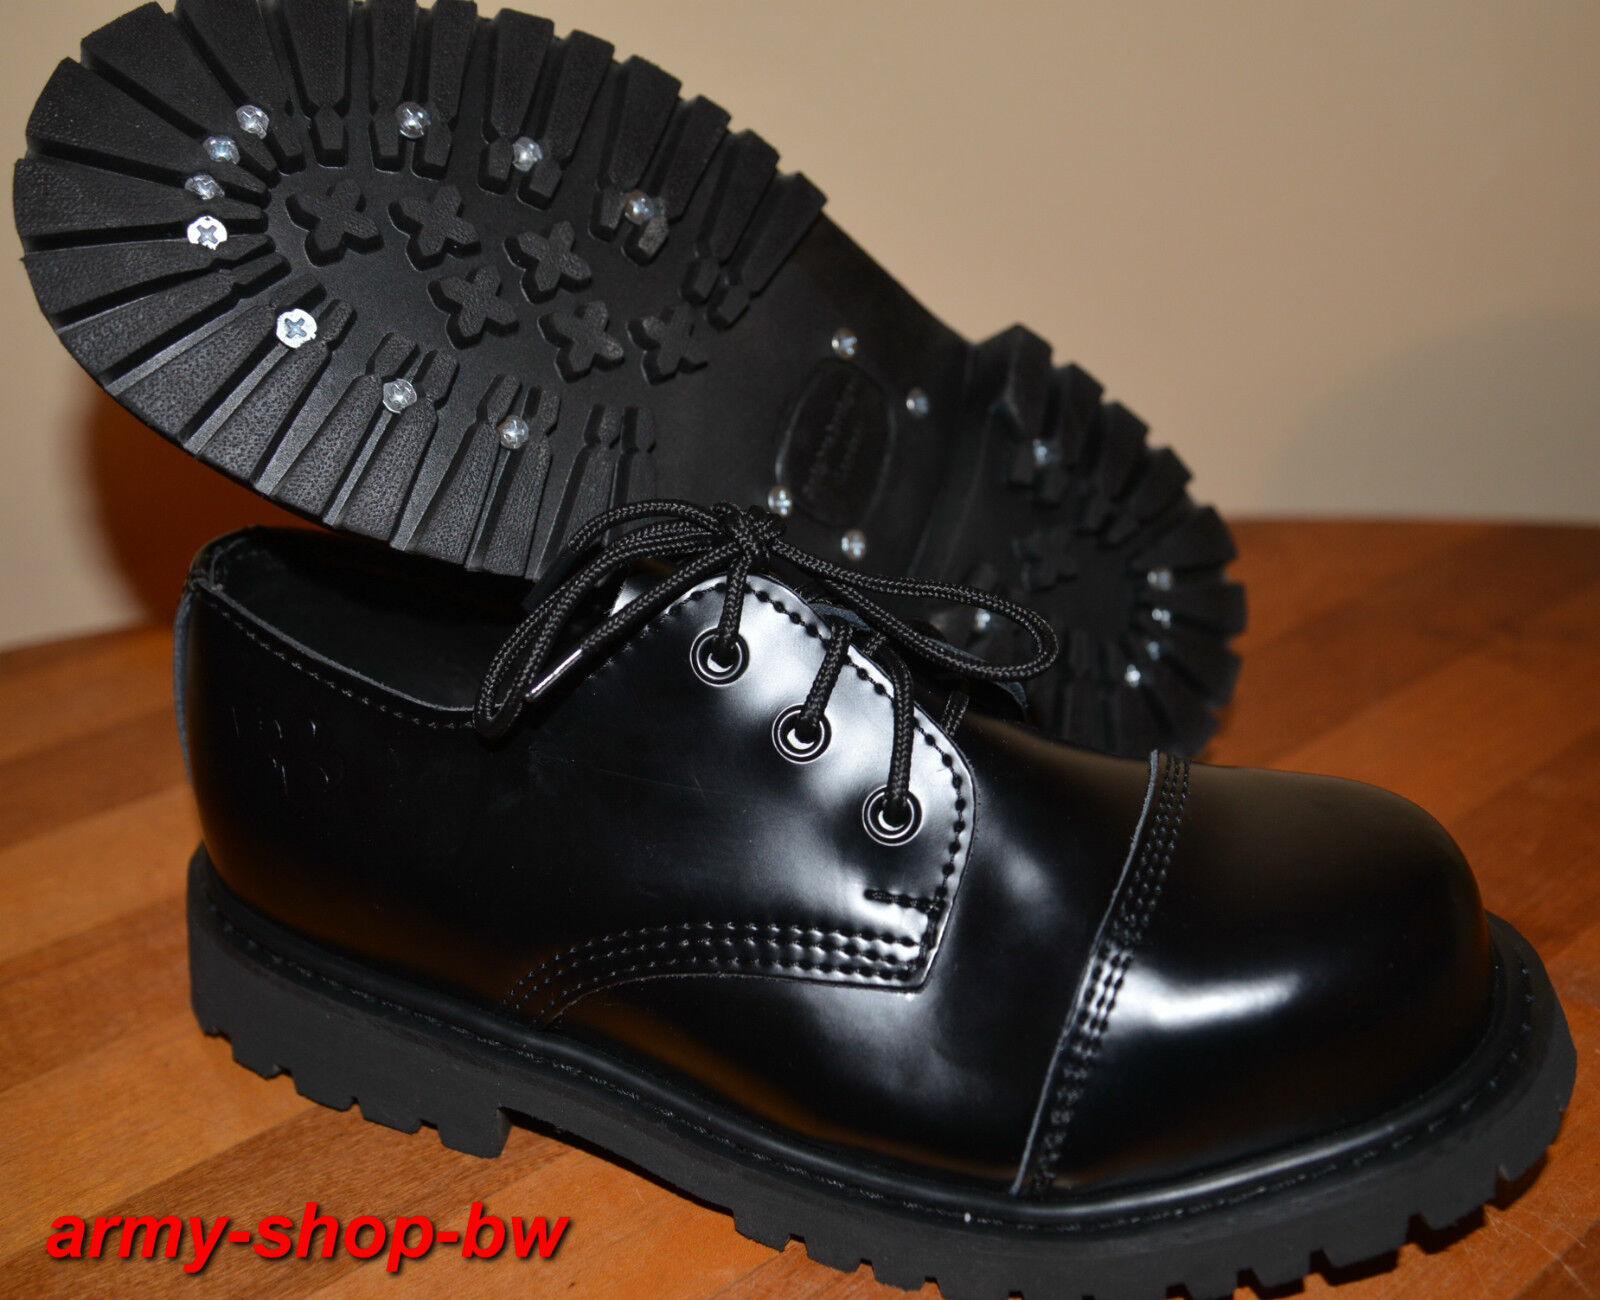 3-agujero Ranger zapatos con botas tapa de acero botas con Rangers 553d2e